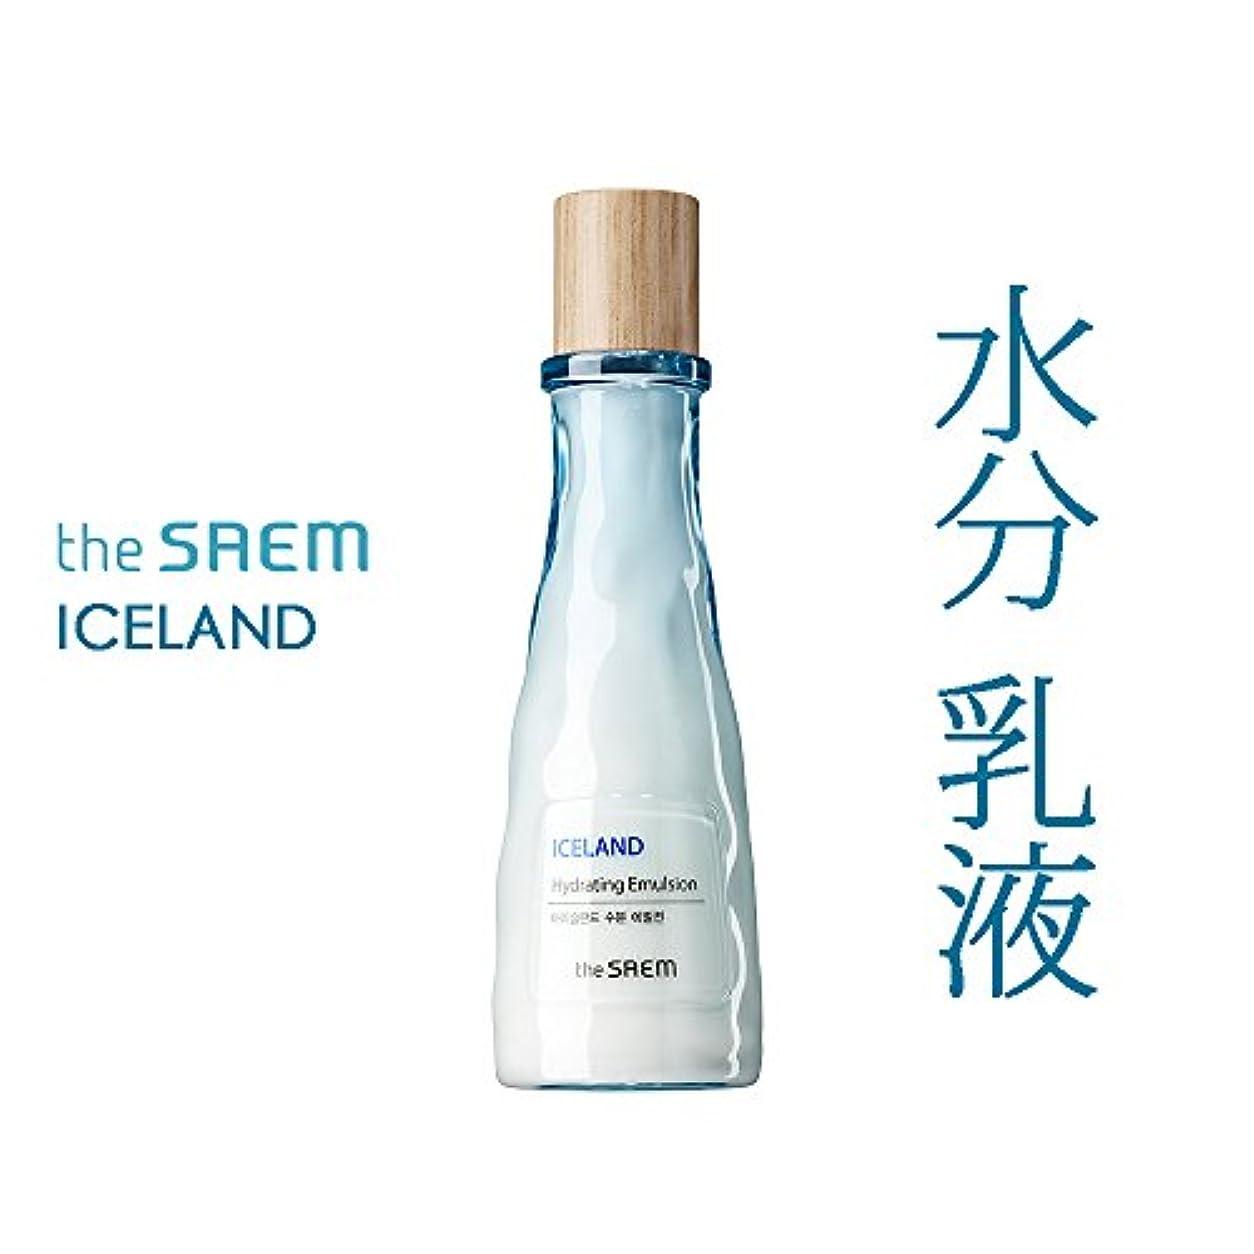 取り消す投票幽霊ザ セム The saem アイスランド 水分 乳液 The Saem Iceland Hydrating E mulsion 140ml